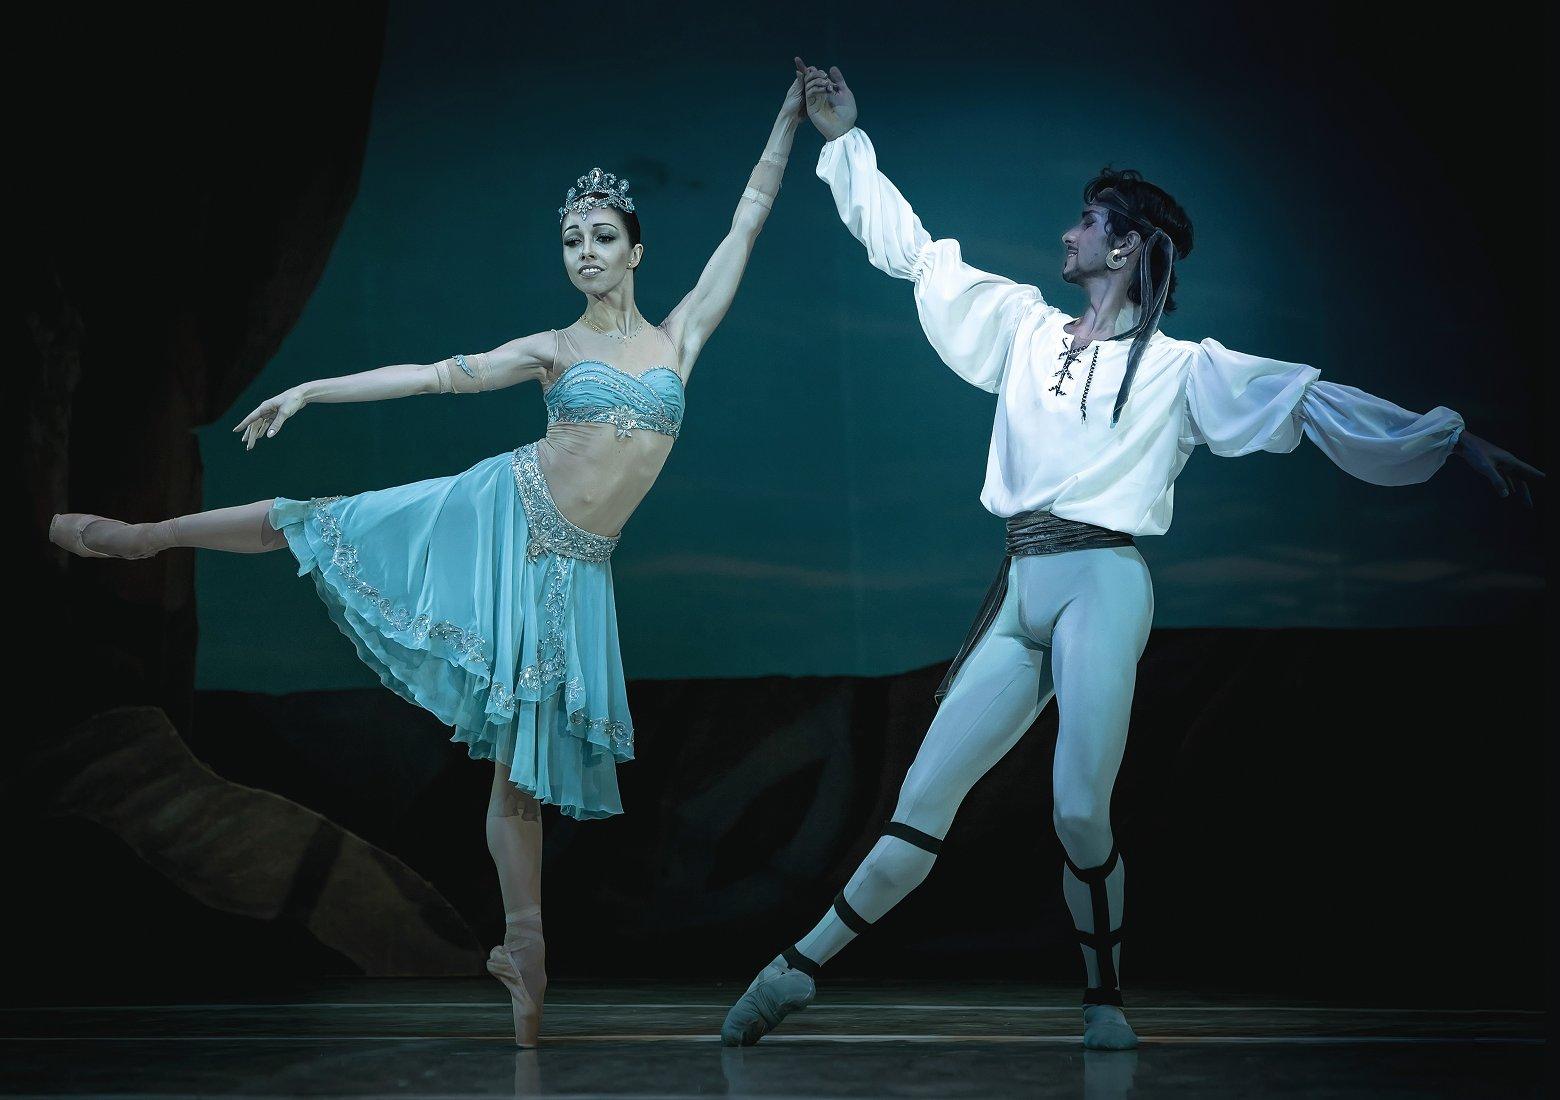 Katerina Kukhar & Oleksandr Stoianov